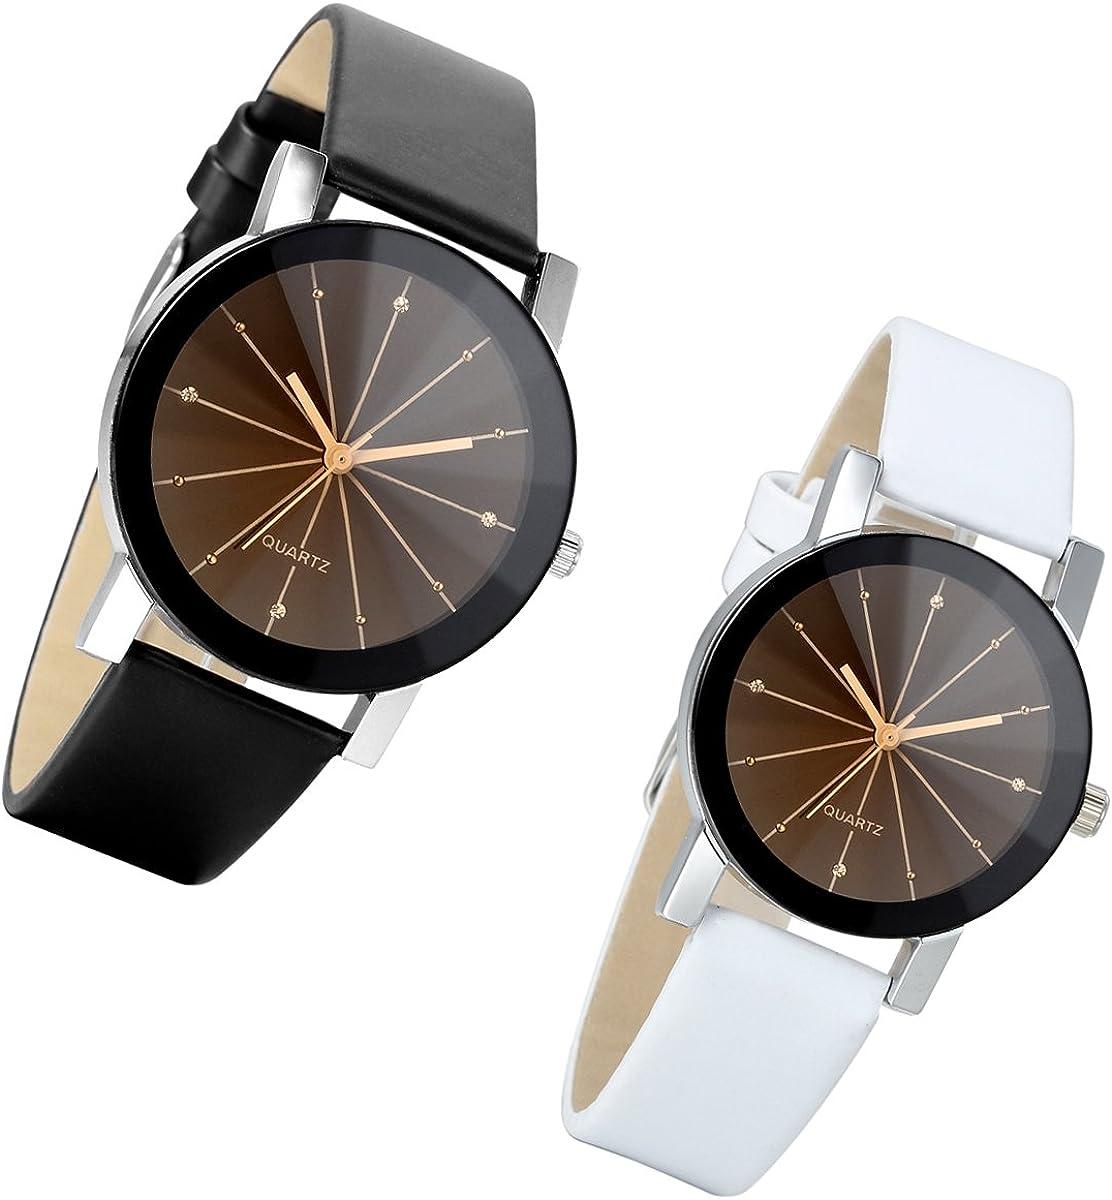 Lancardo - Reloj de pulsera de cuarzo para parejas, correa de piel artificial, esfera de cristal impermeable para negocios, casual, negro y blanco (1 par)